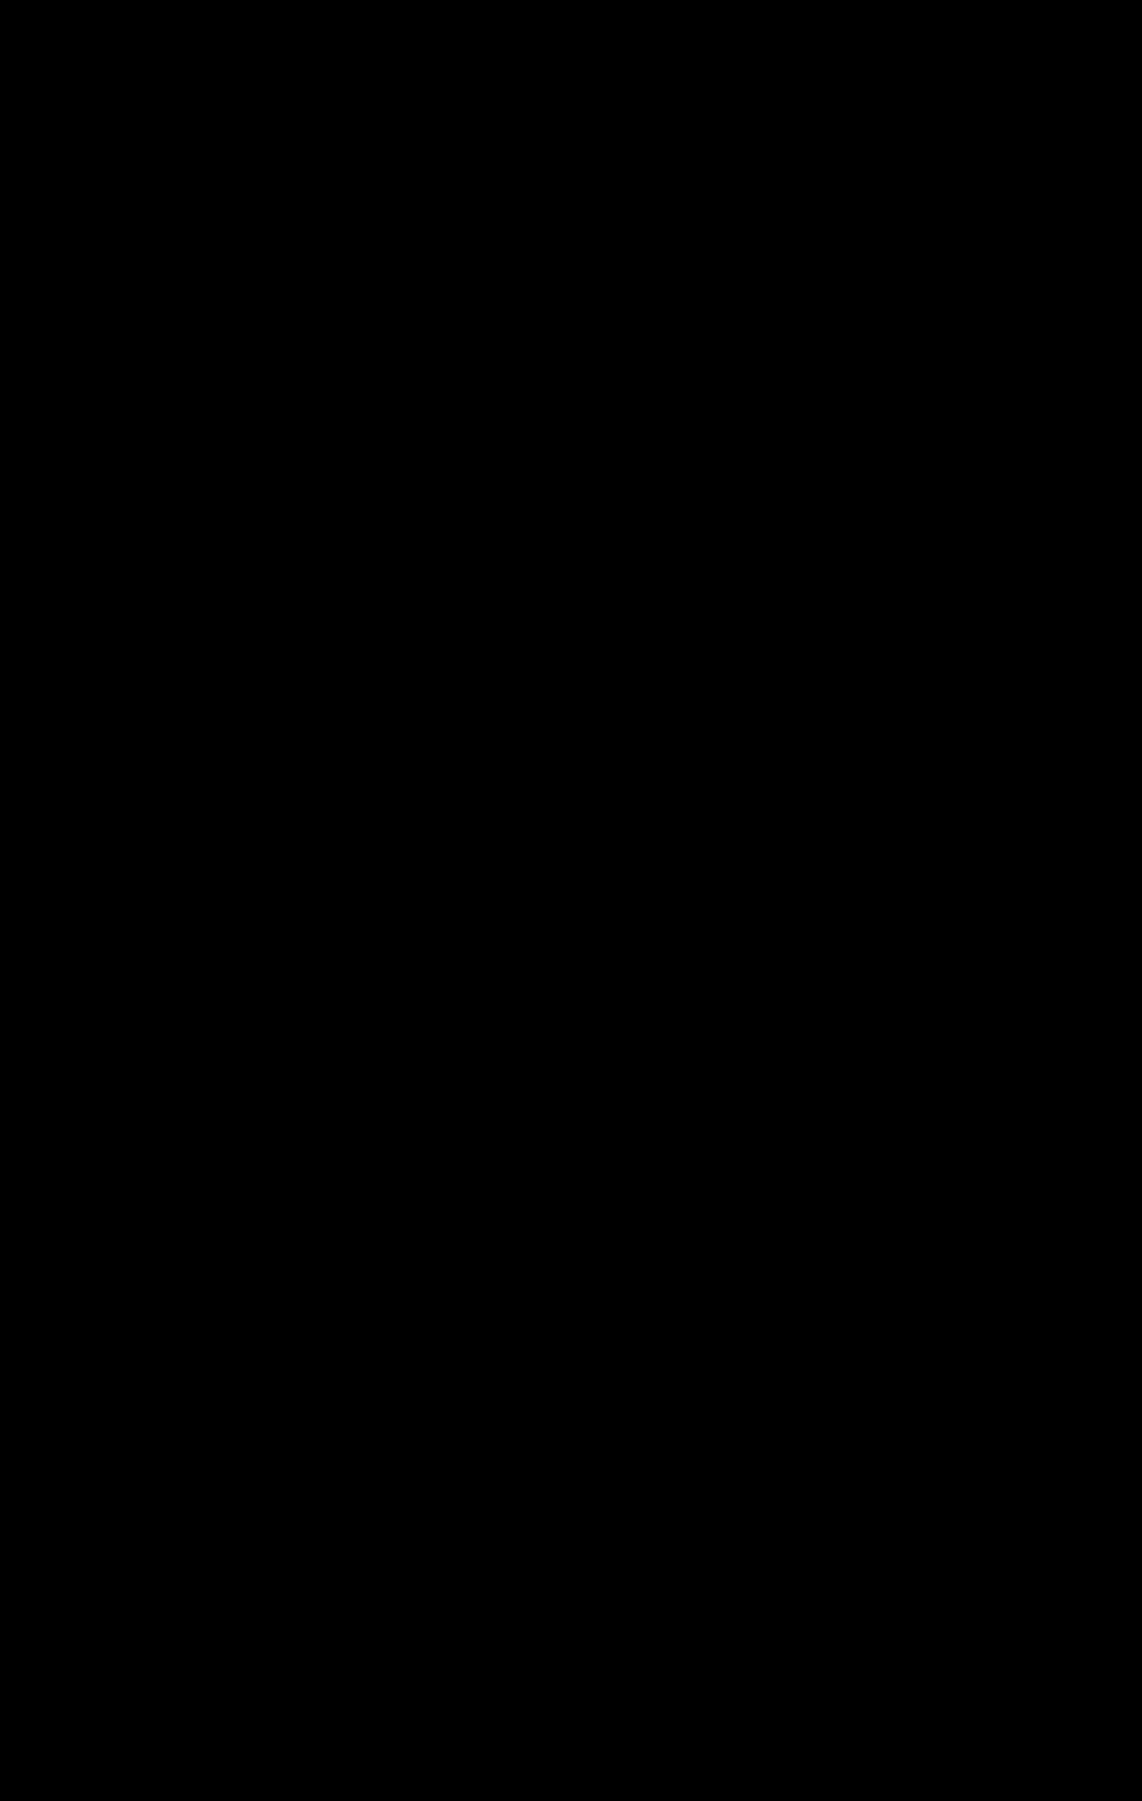 1142x1801 8 Badminton Silhouette (PNG Transparent)